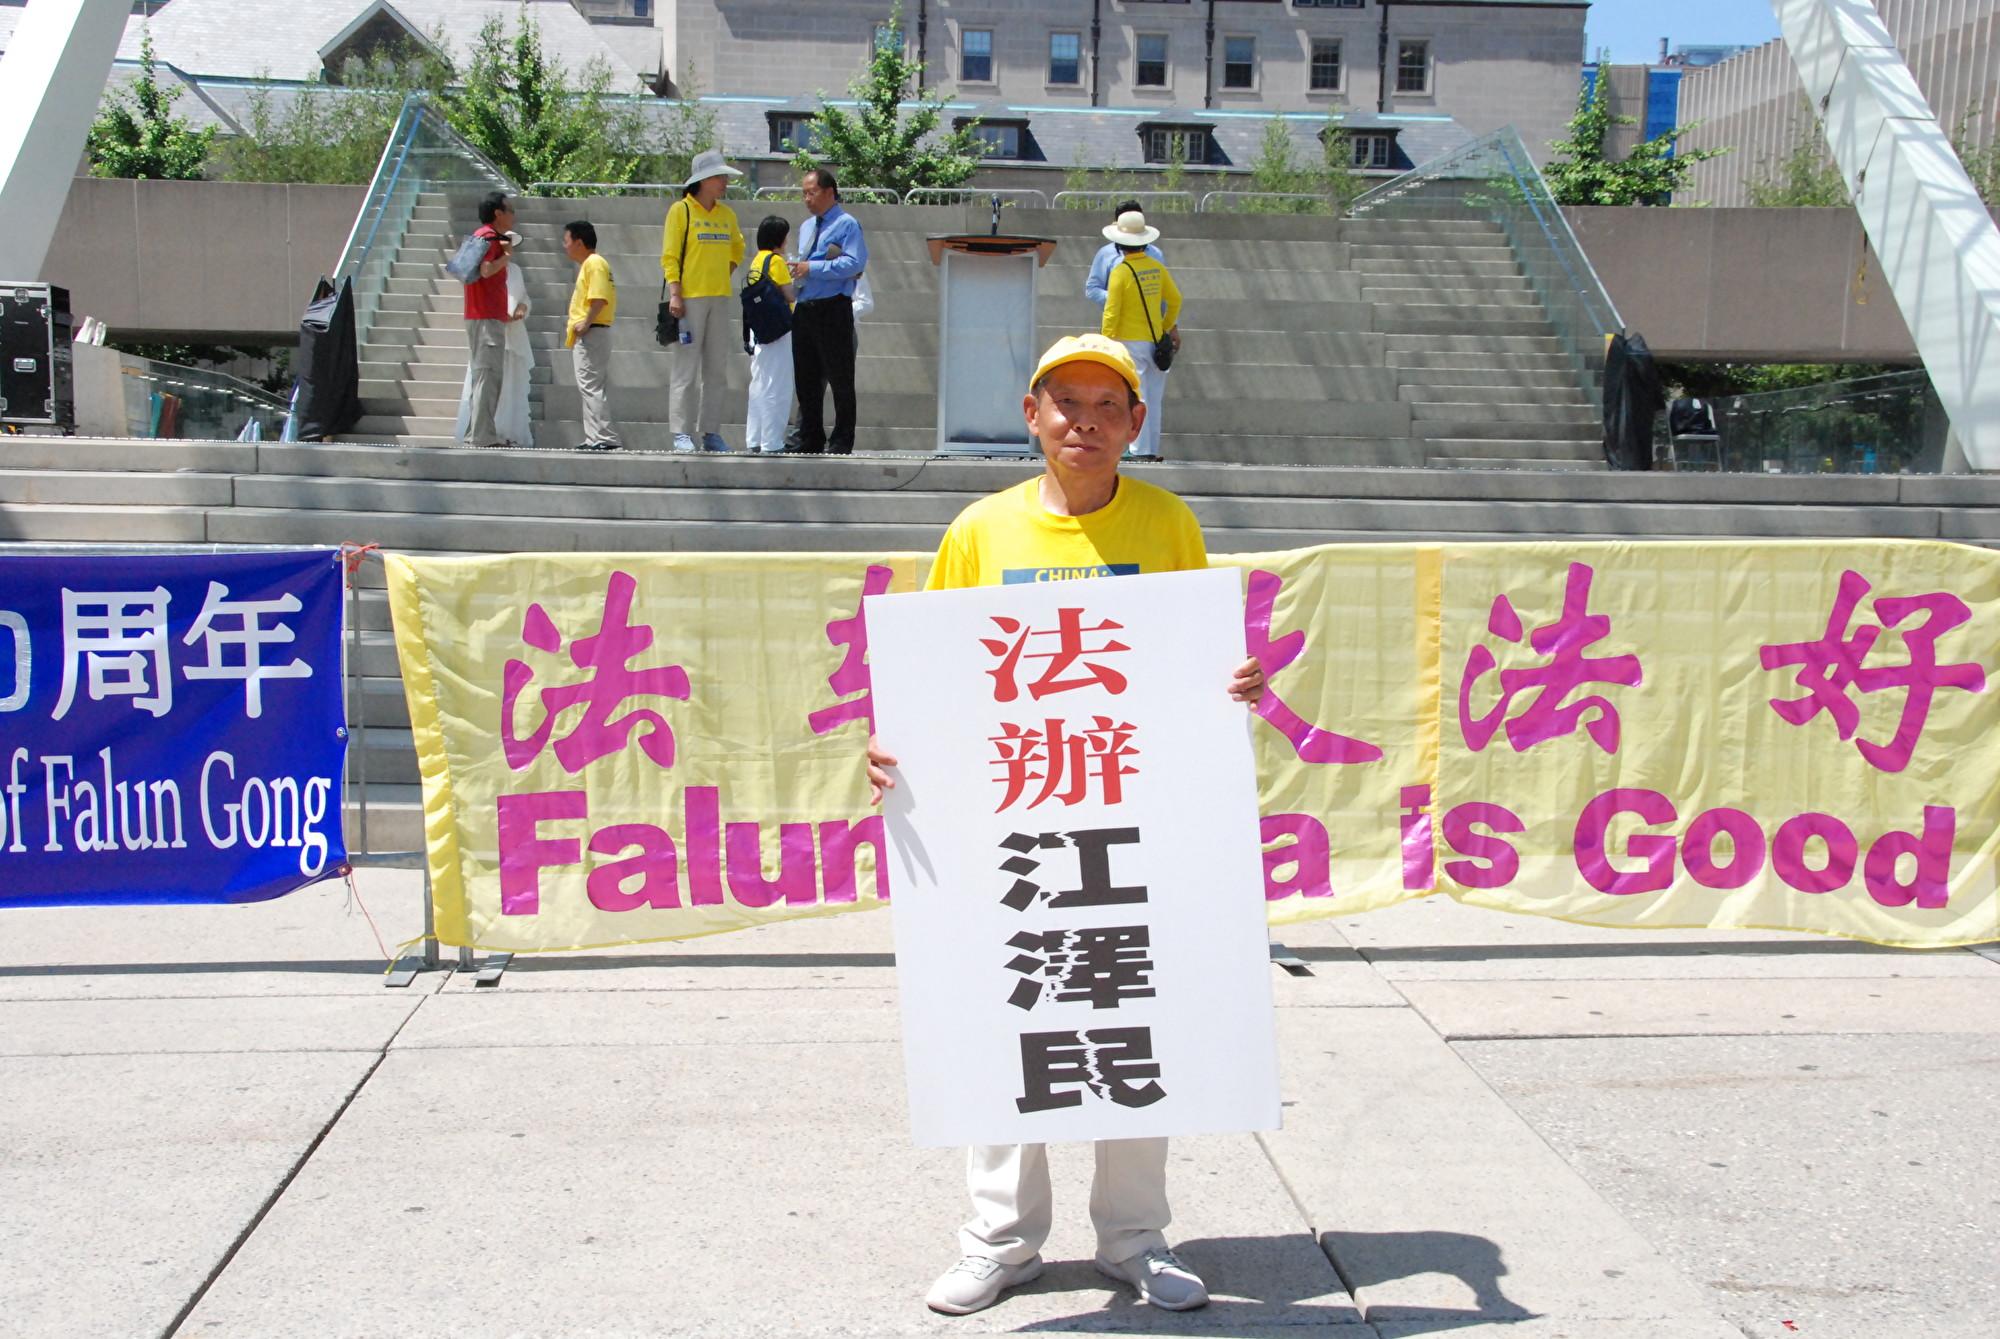 法輪功學員劉海寬呼籲法辦江澤民,停止迫害。(伊鈴/大紀元)